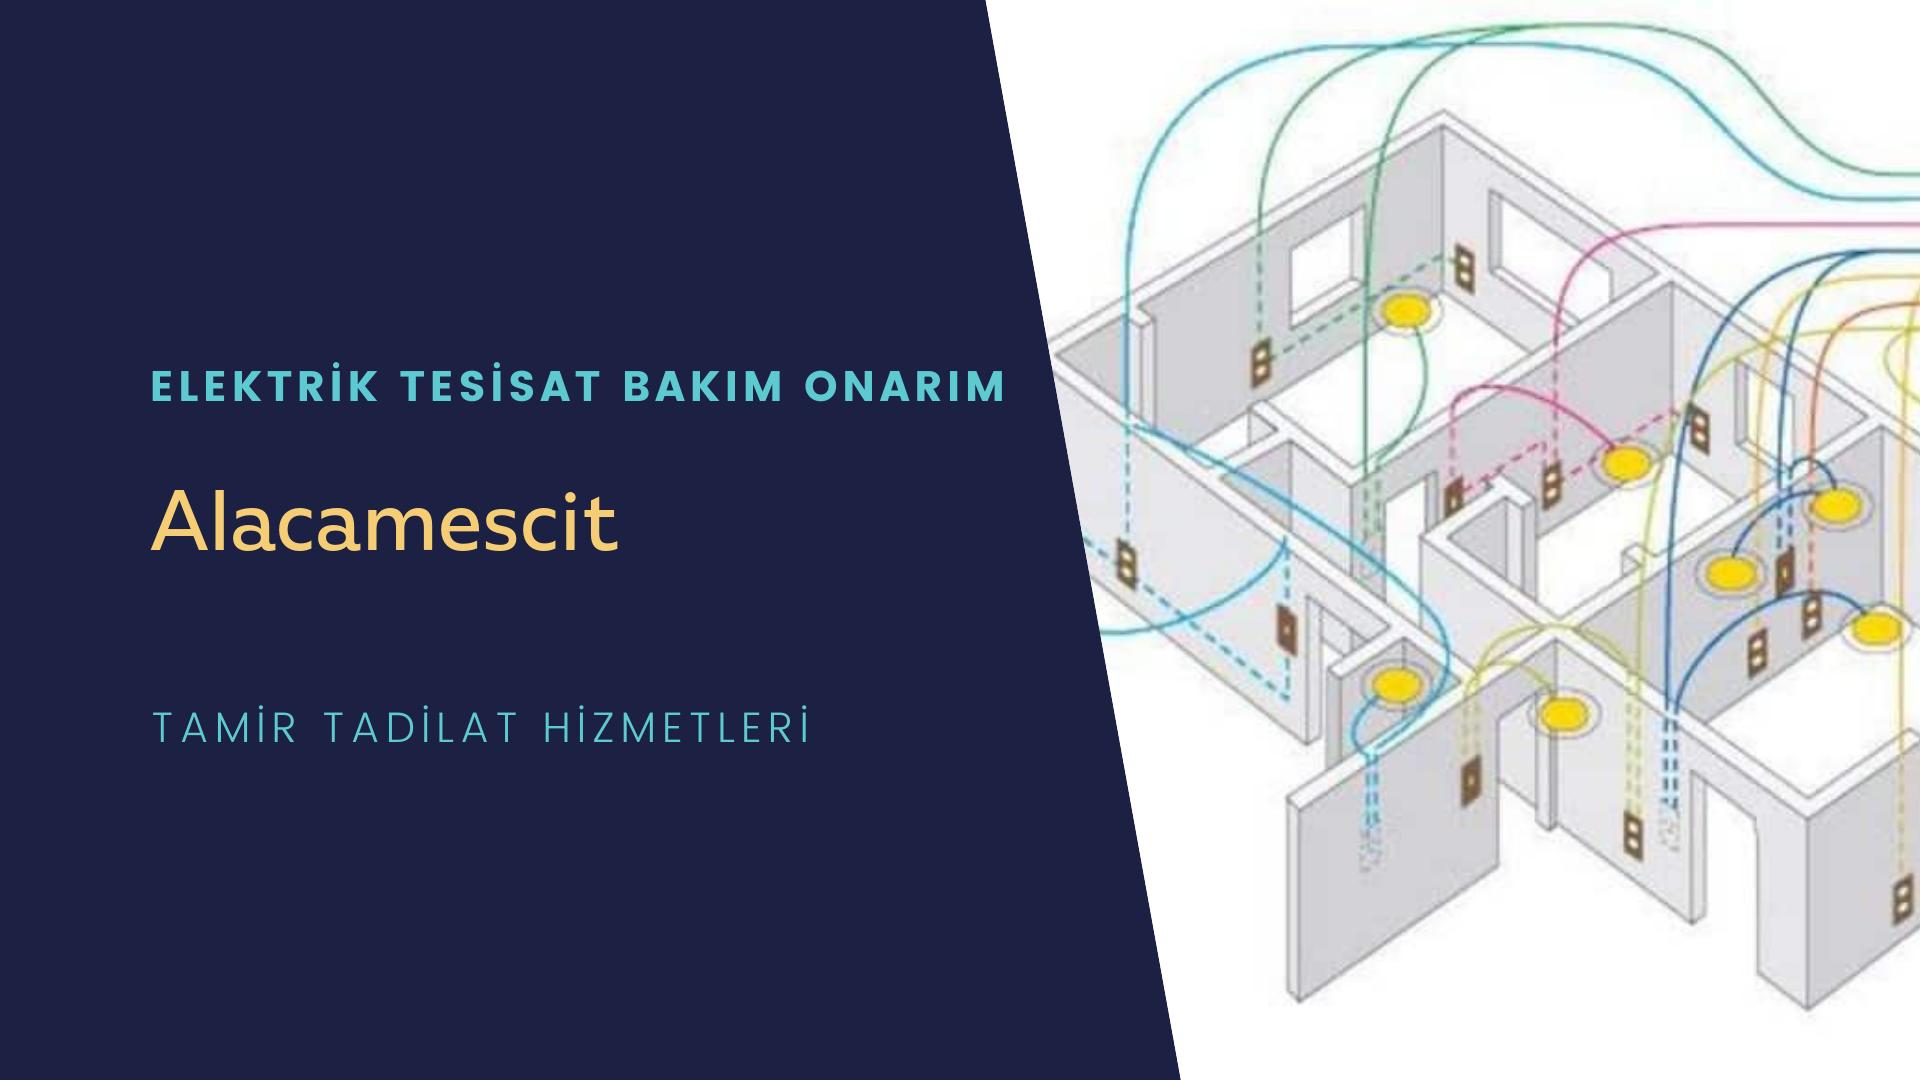 Alacamescit   elektrik tesisatıustalarımı arıyorsunuz doğru adrestenizi Alacamescit  elektrik tesisatı ustalarımız 7/24 sizlere hizmet vermekten mutluluk duyar.